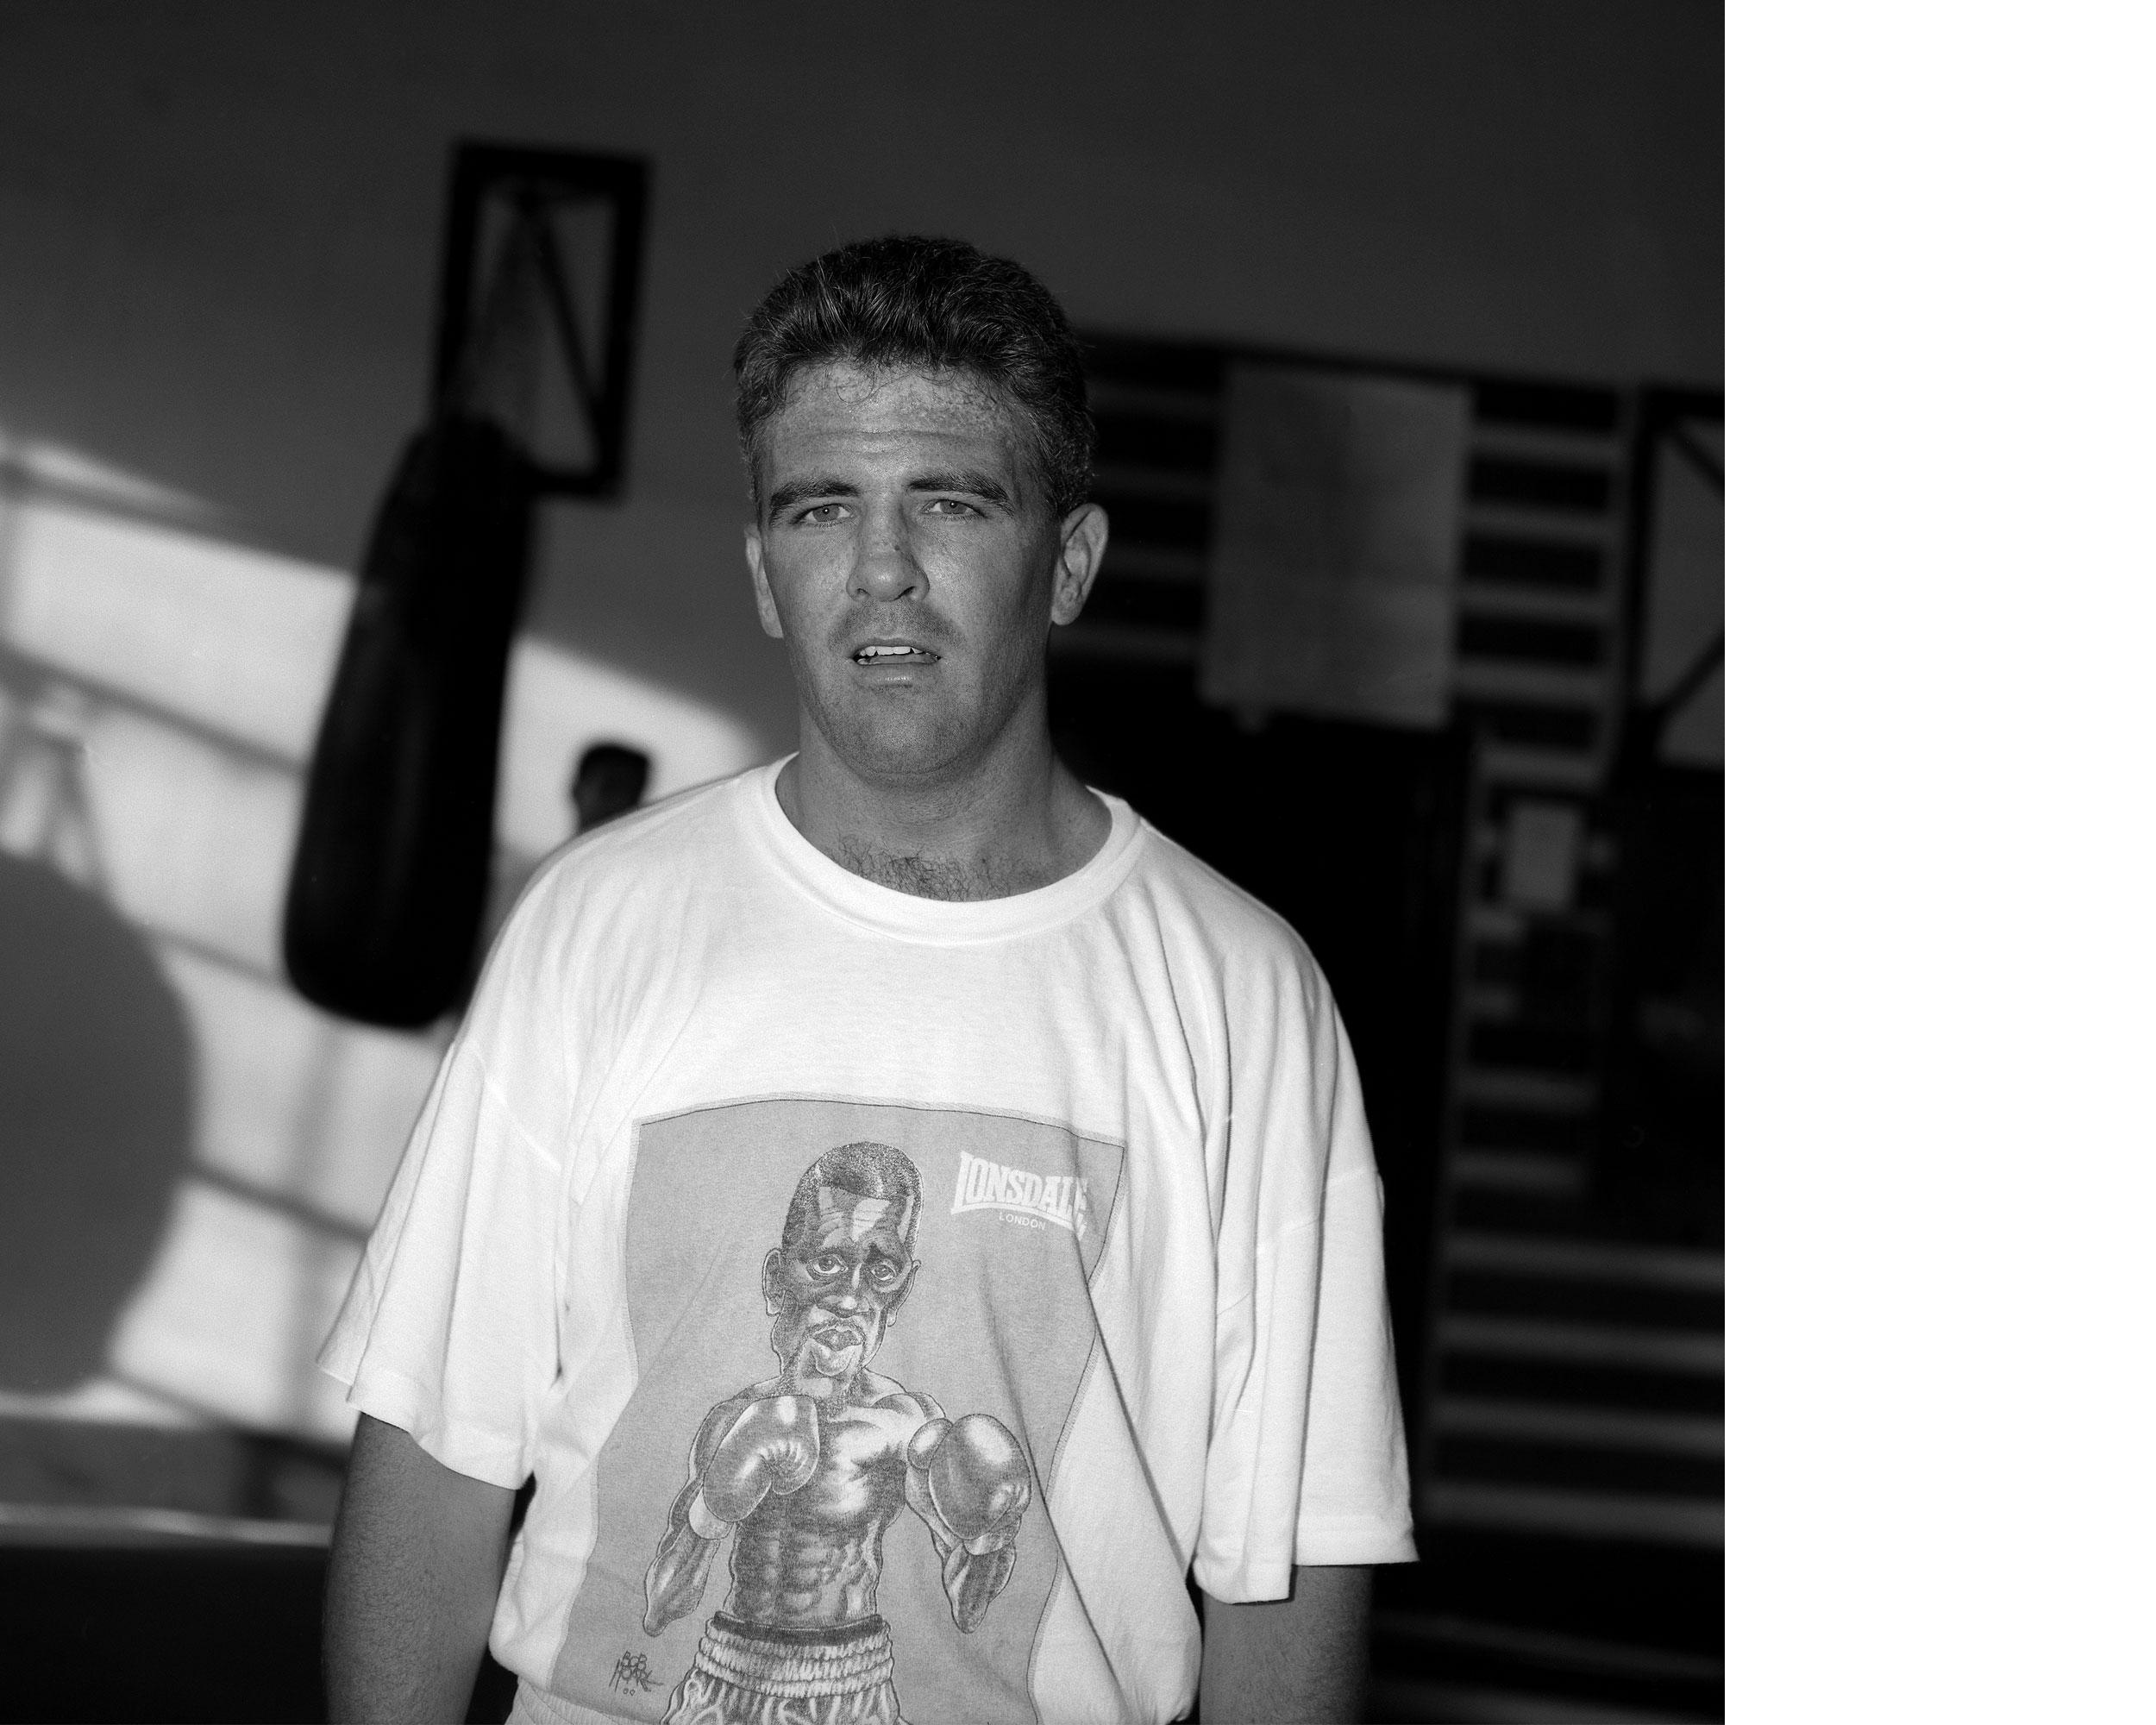 Birmingham City Boxing Club, Digbeth (1994)